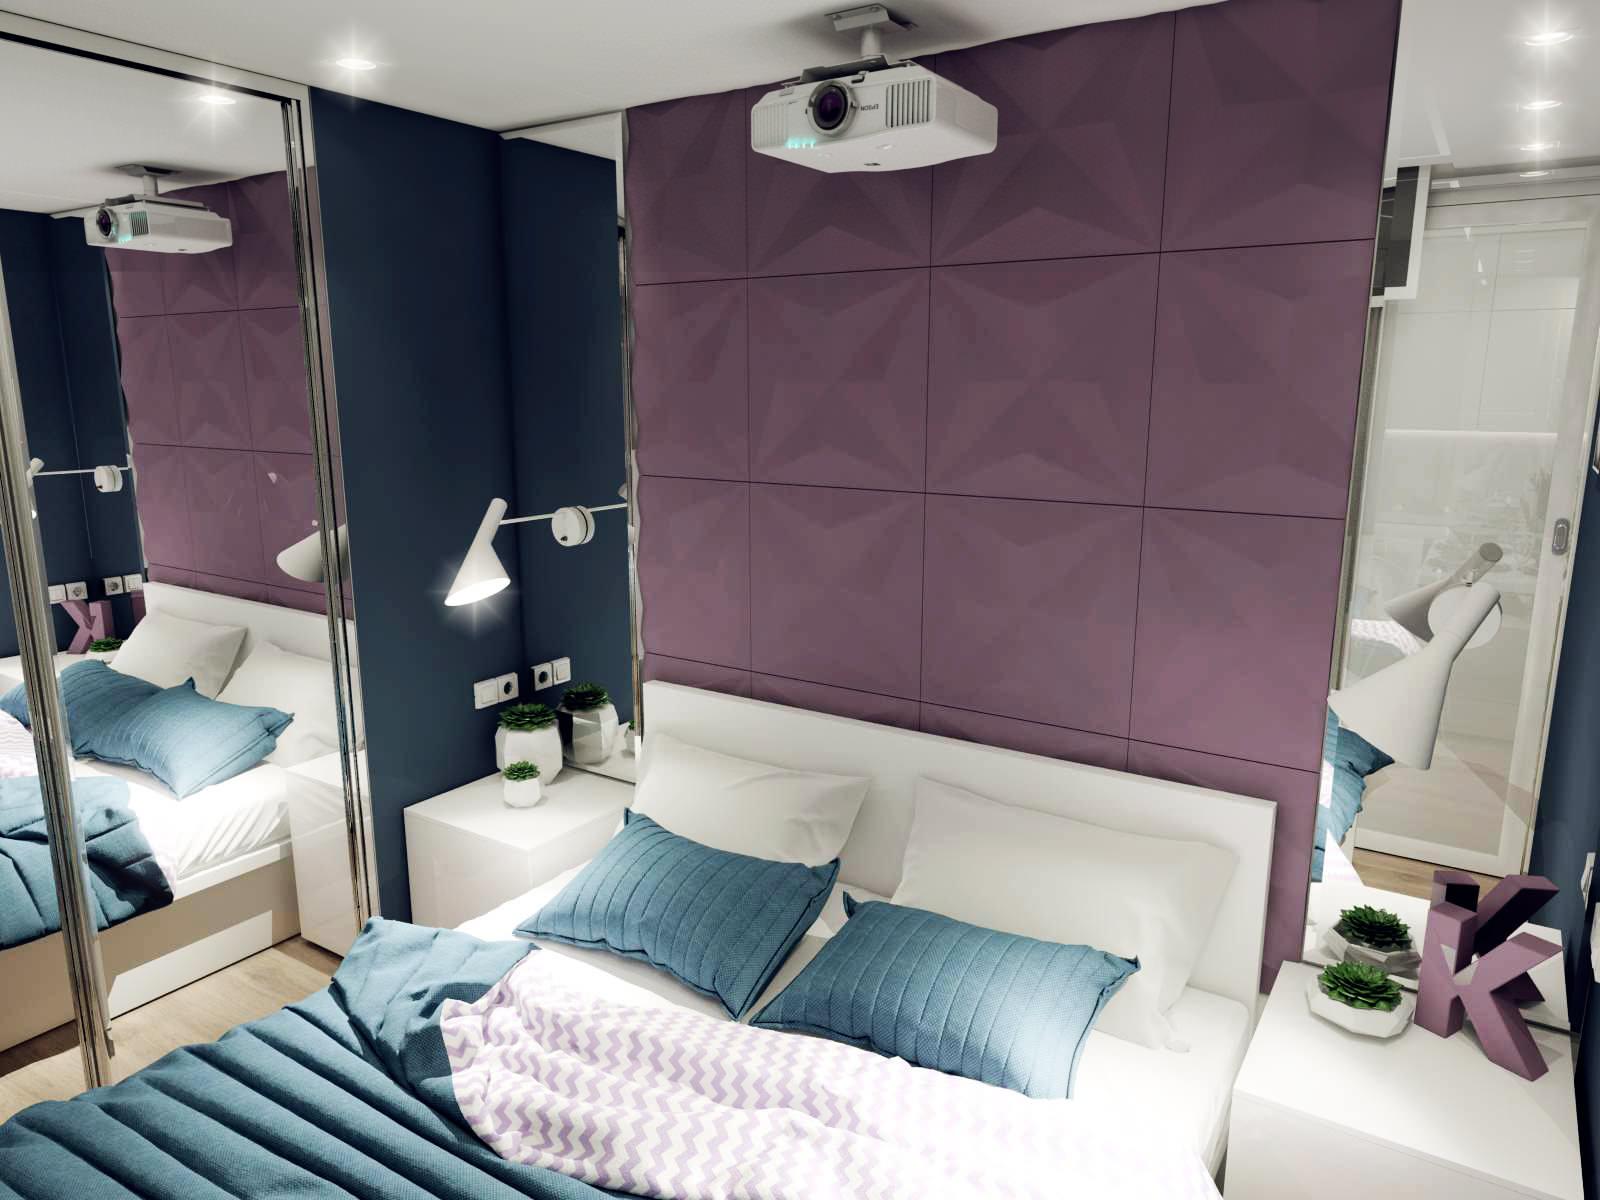 mini-apartament-sas-svej-i-praktichen-interioren-dizain-44-m-6g